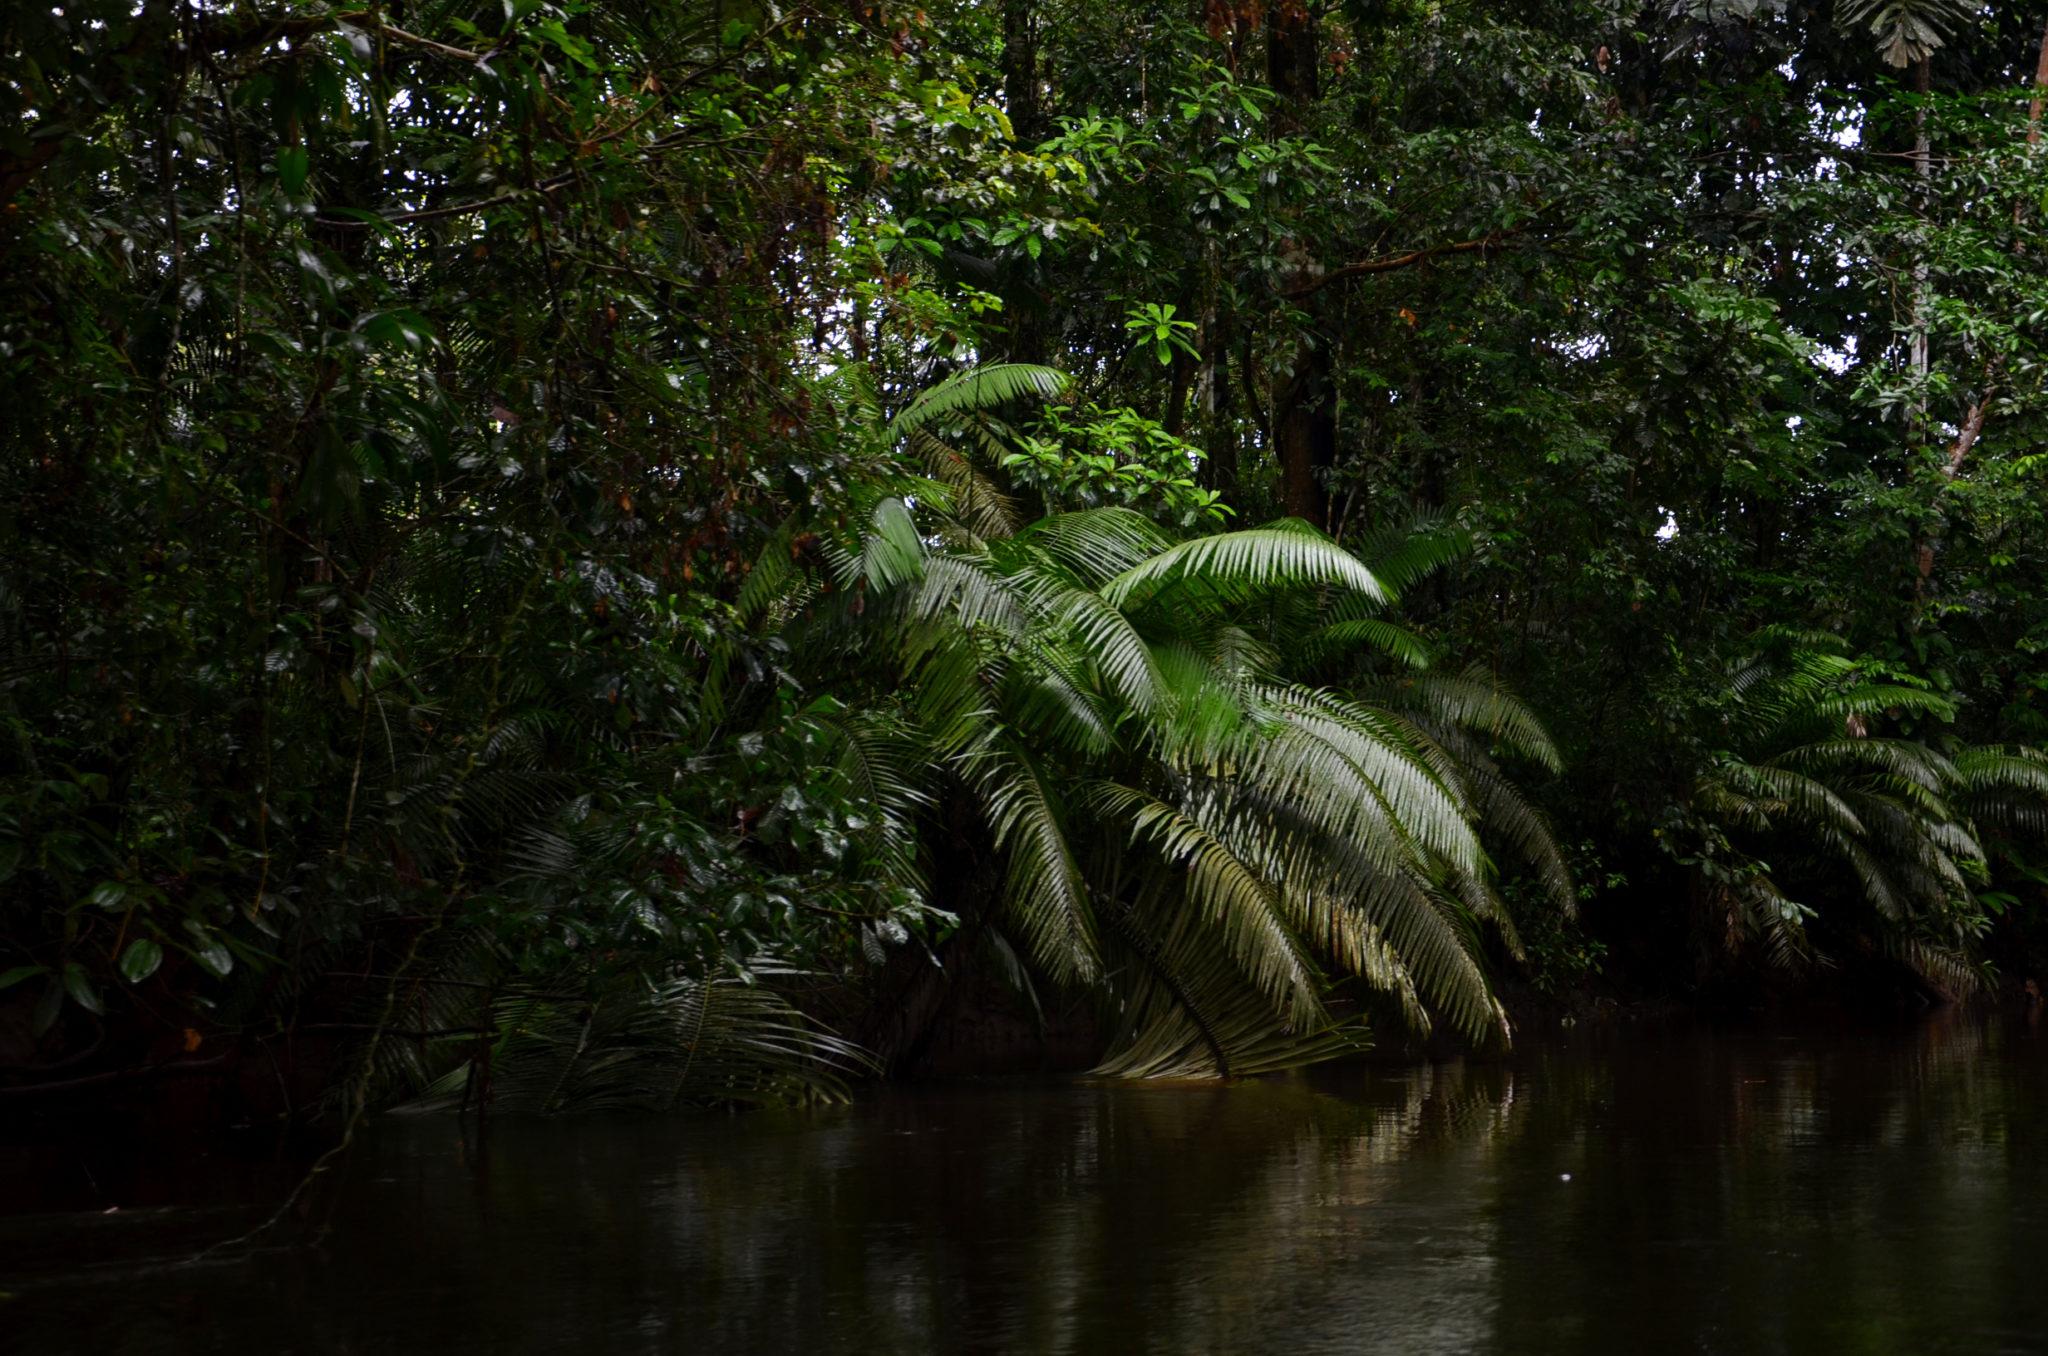 ecuador-piranhas-angeln-dschungel